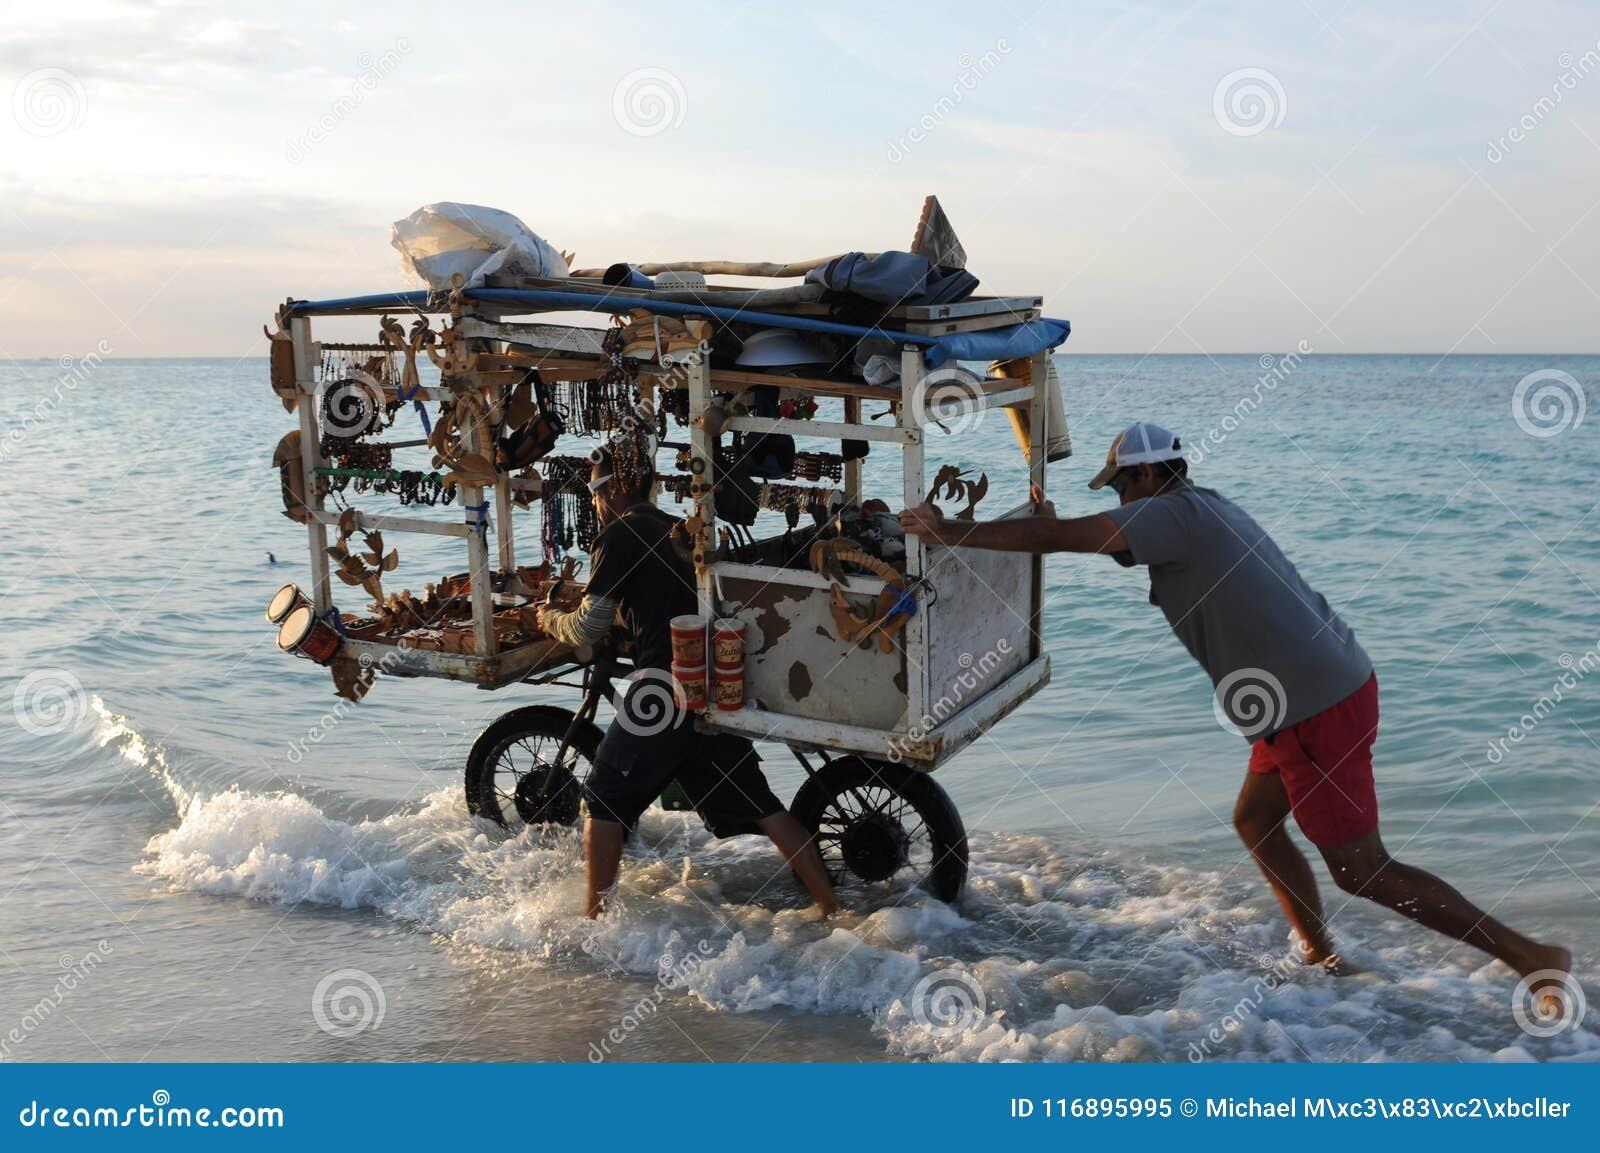 Cuba: Beach souvenier trader at Varadero beach.